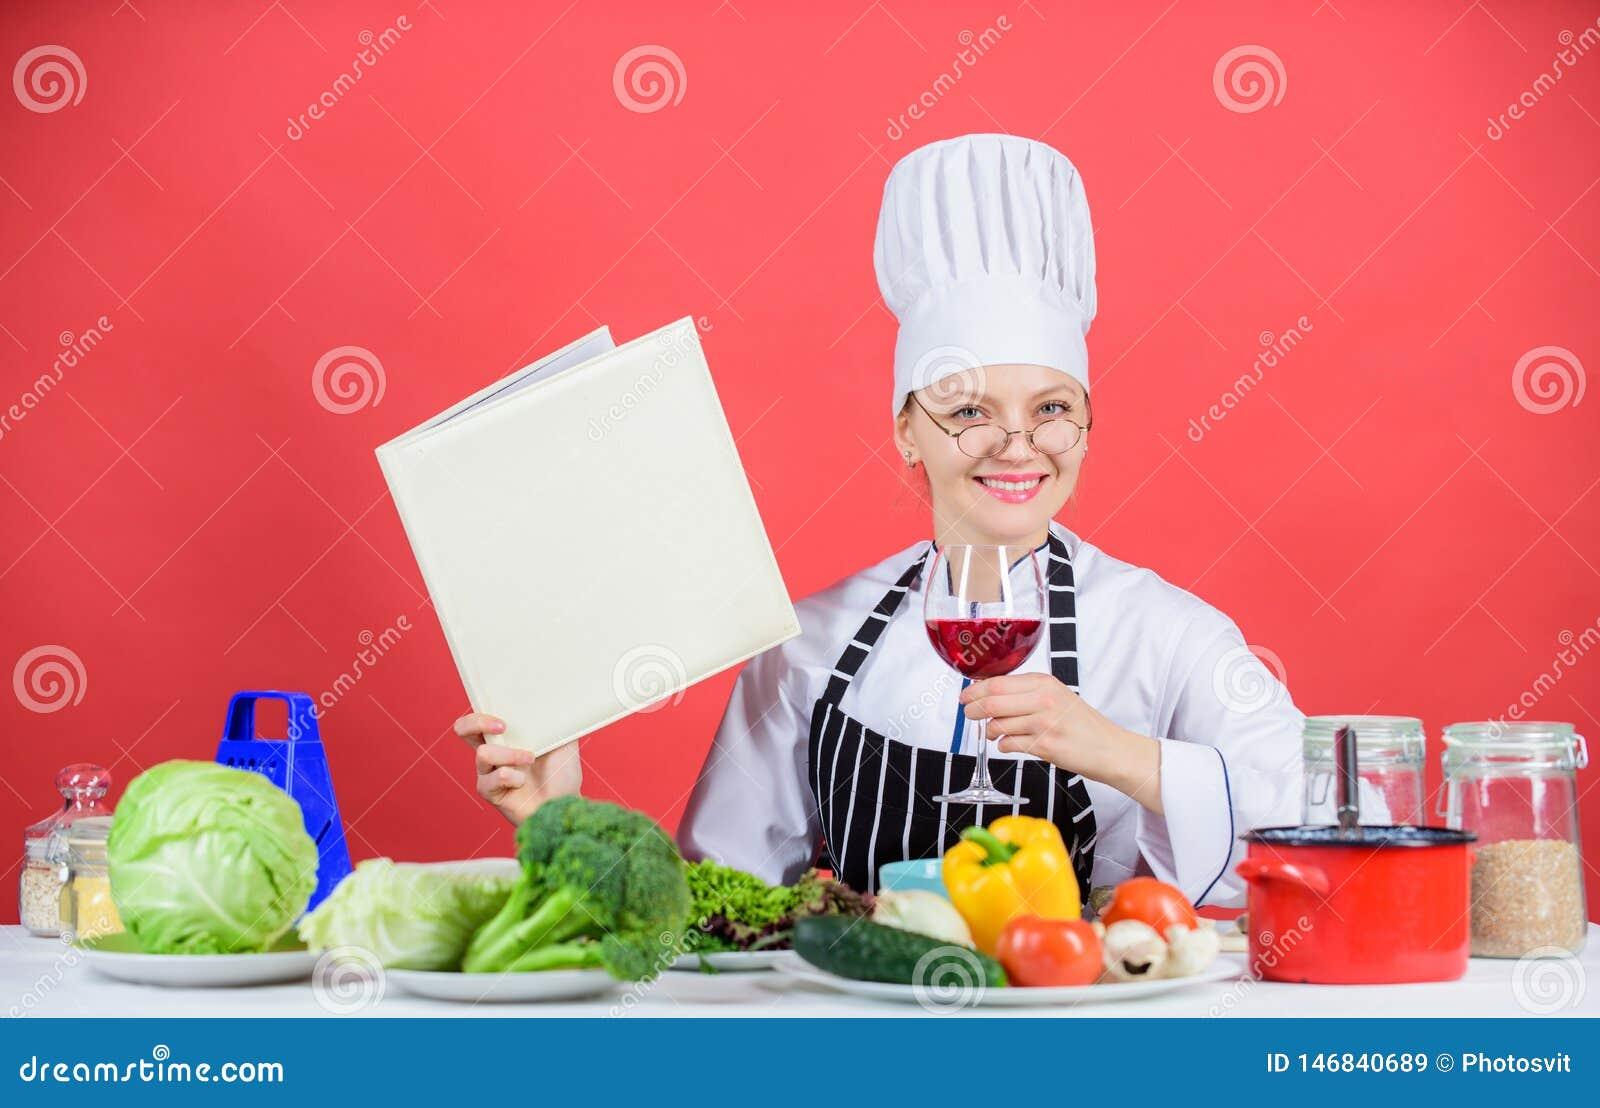 Cucina tradizionale Concetto culinario della scuola La femmina in cappello ed in grembiule conosce tutto circa le arti culinarie